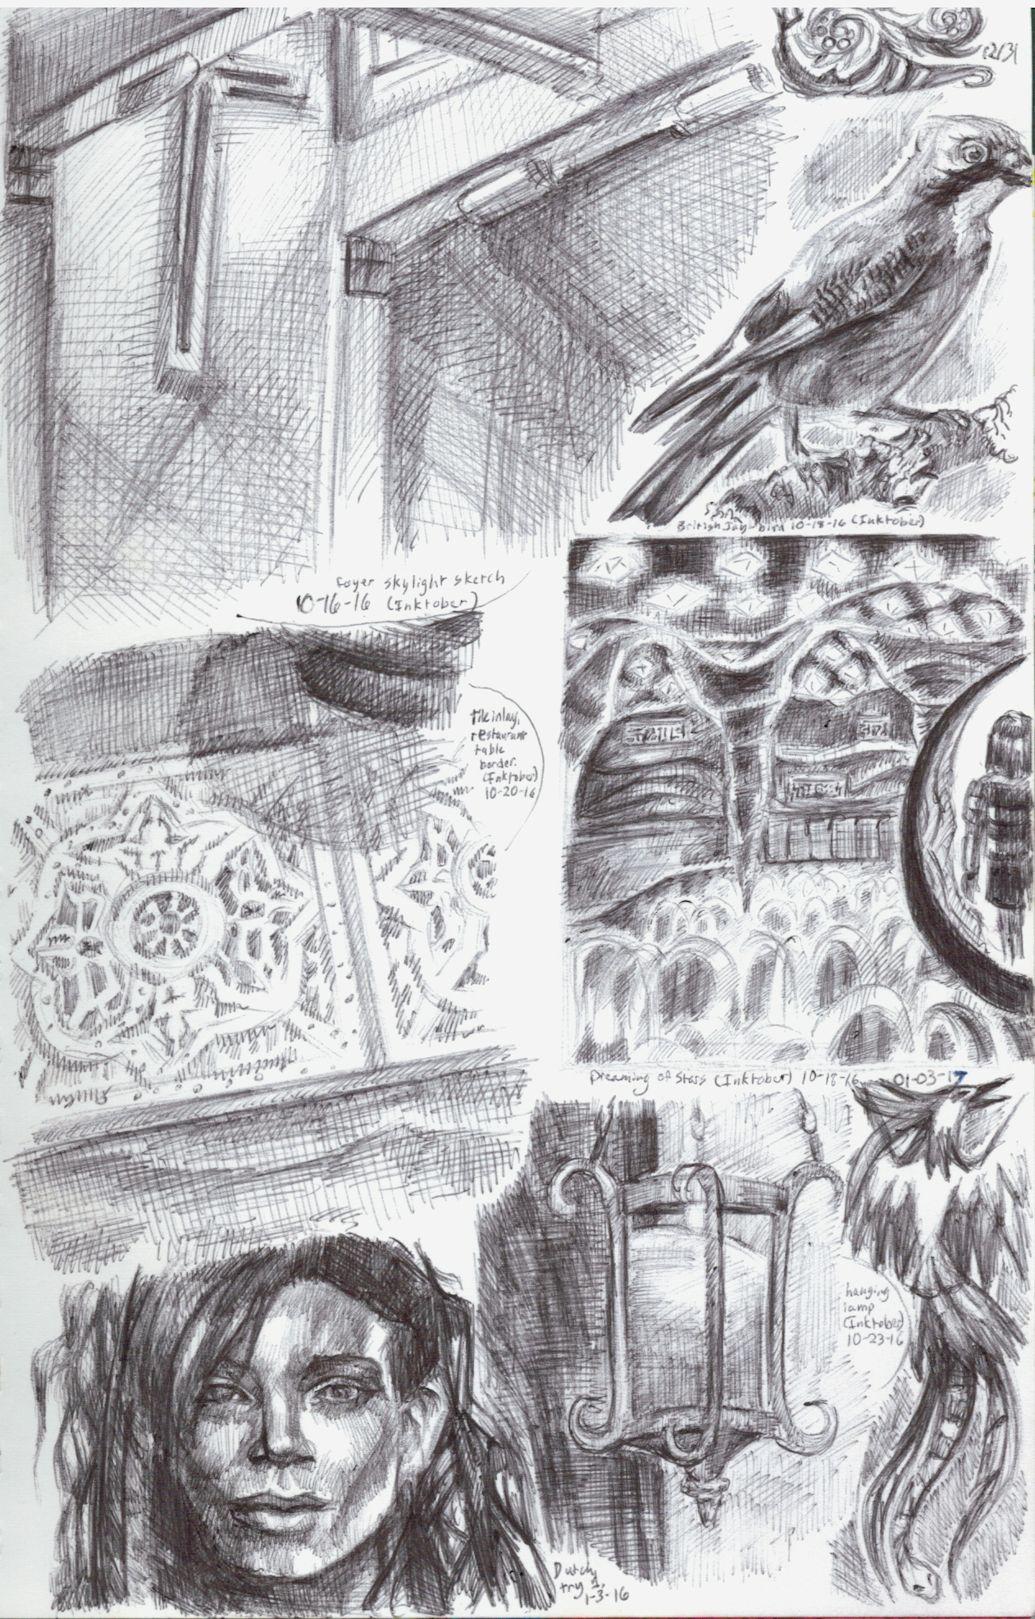 sketchpage 17 by Firiel